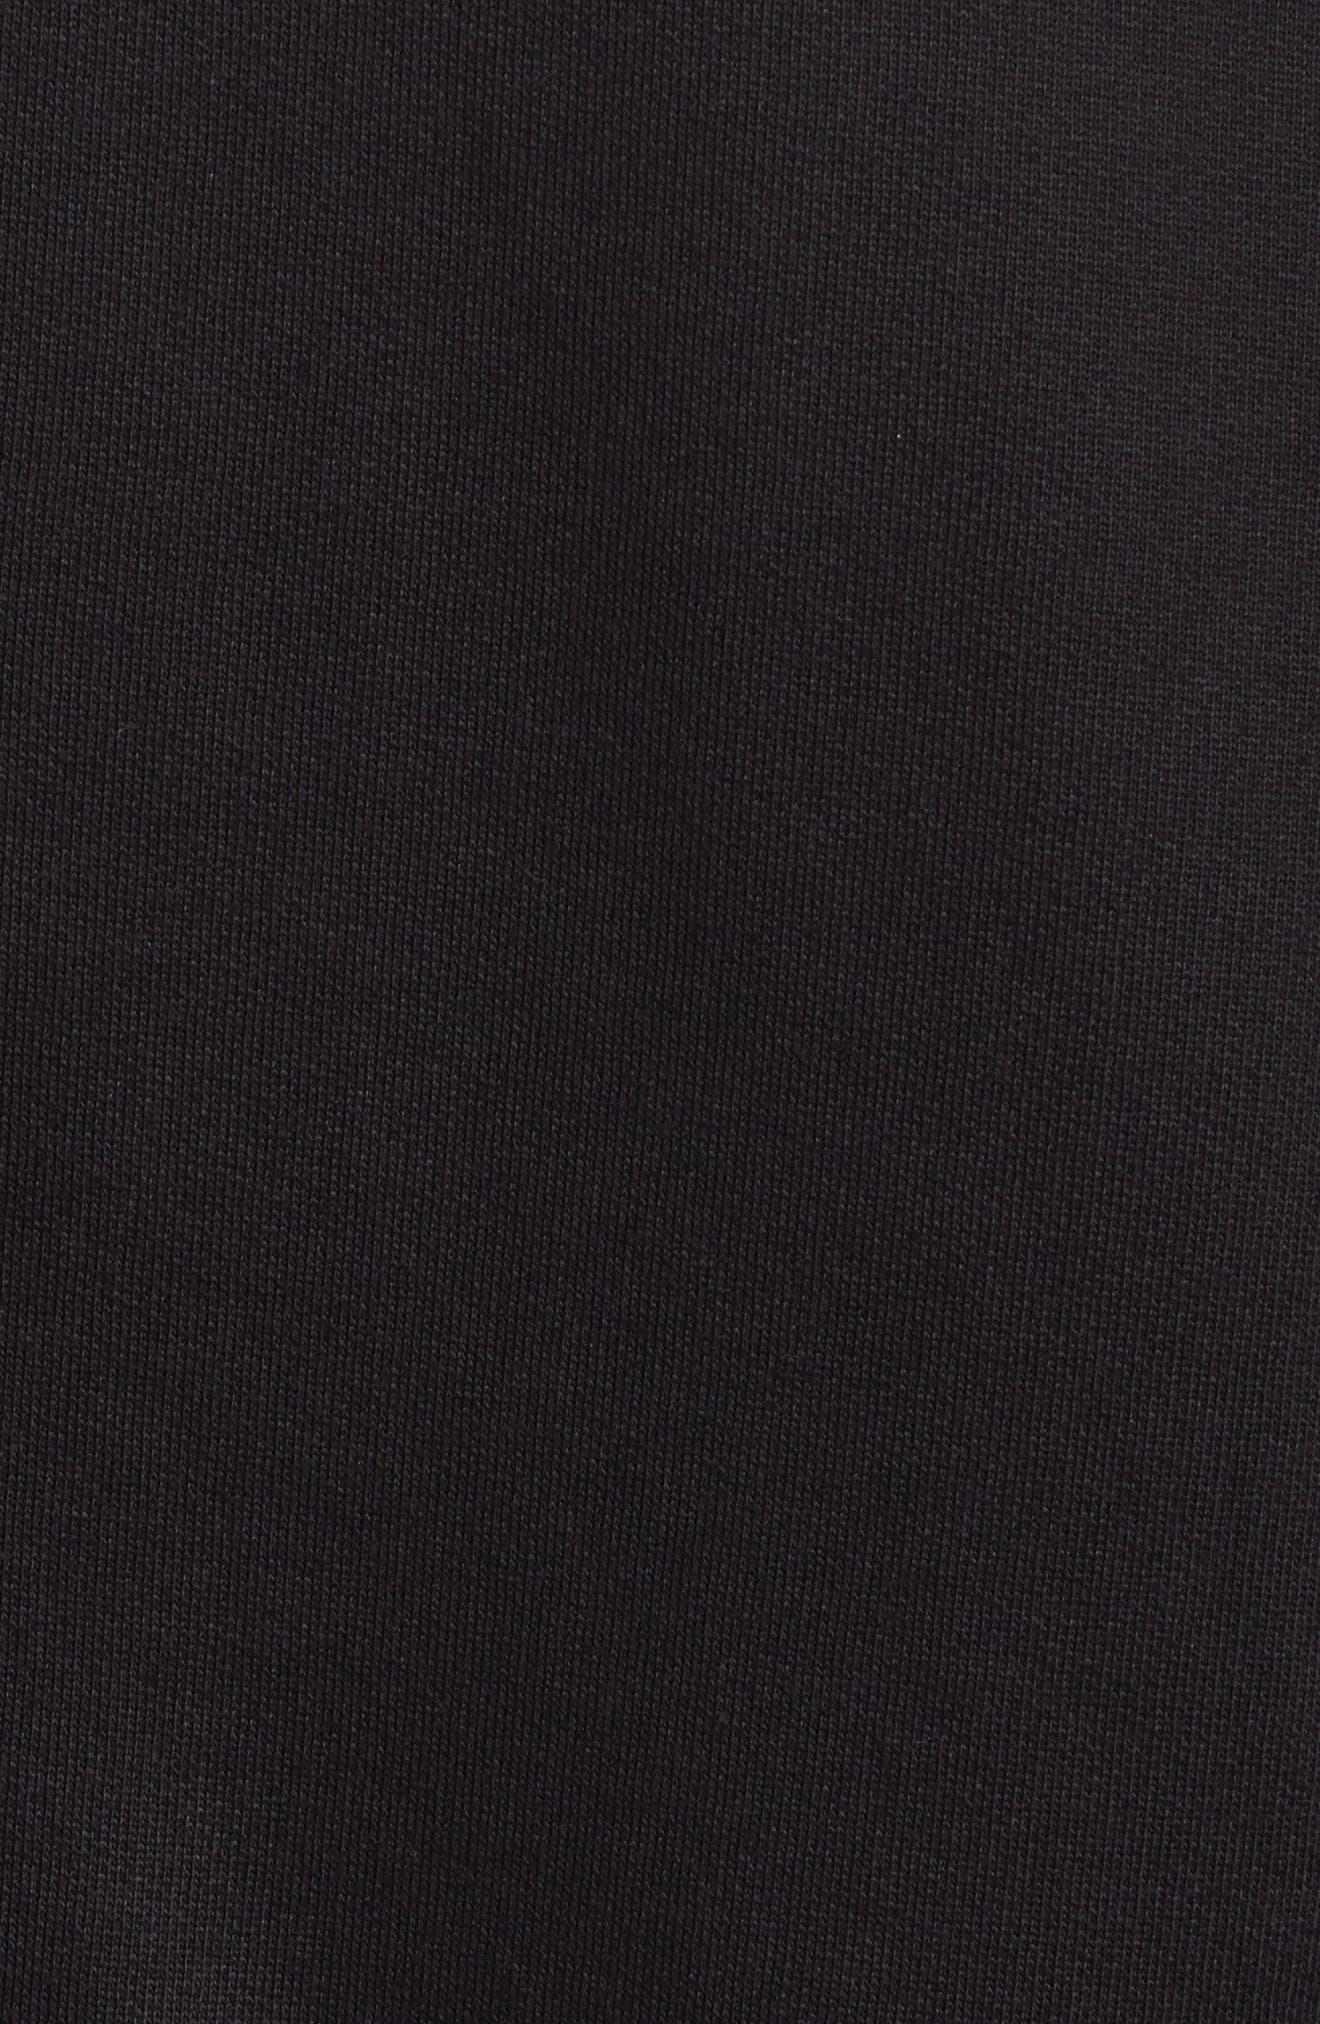 Meace Fleece Sweatshirt,                             Alternate thumbnail 5, color,                             Black